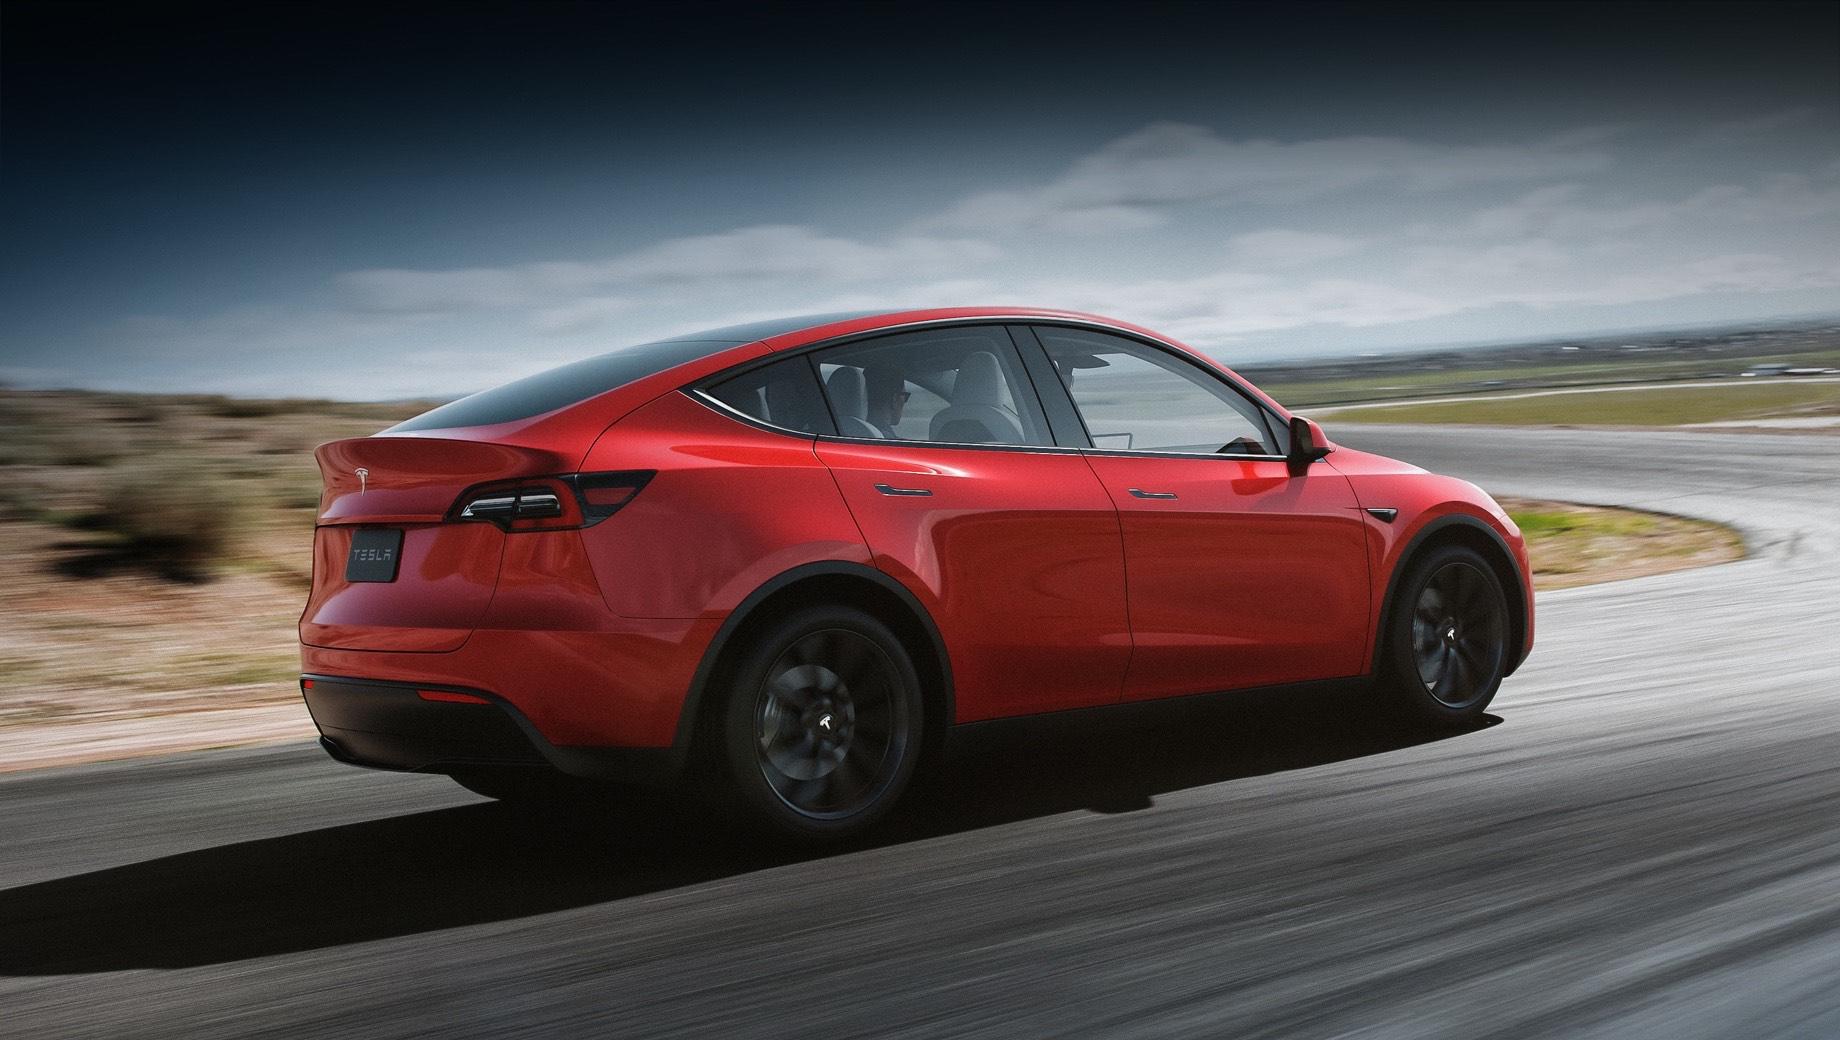 Tesla model y. Tesla Model Y начала свой рыночный путь меньше года назад, а в производстве машины были перебои. И несмотря на это электрокар нашёл по всему миру больше 70 тысяч покупателей. А в начале января открылся приём заказов в Китае, где за первые 10 часов приняли более 100 тысяч заявок.